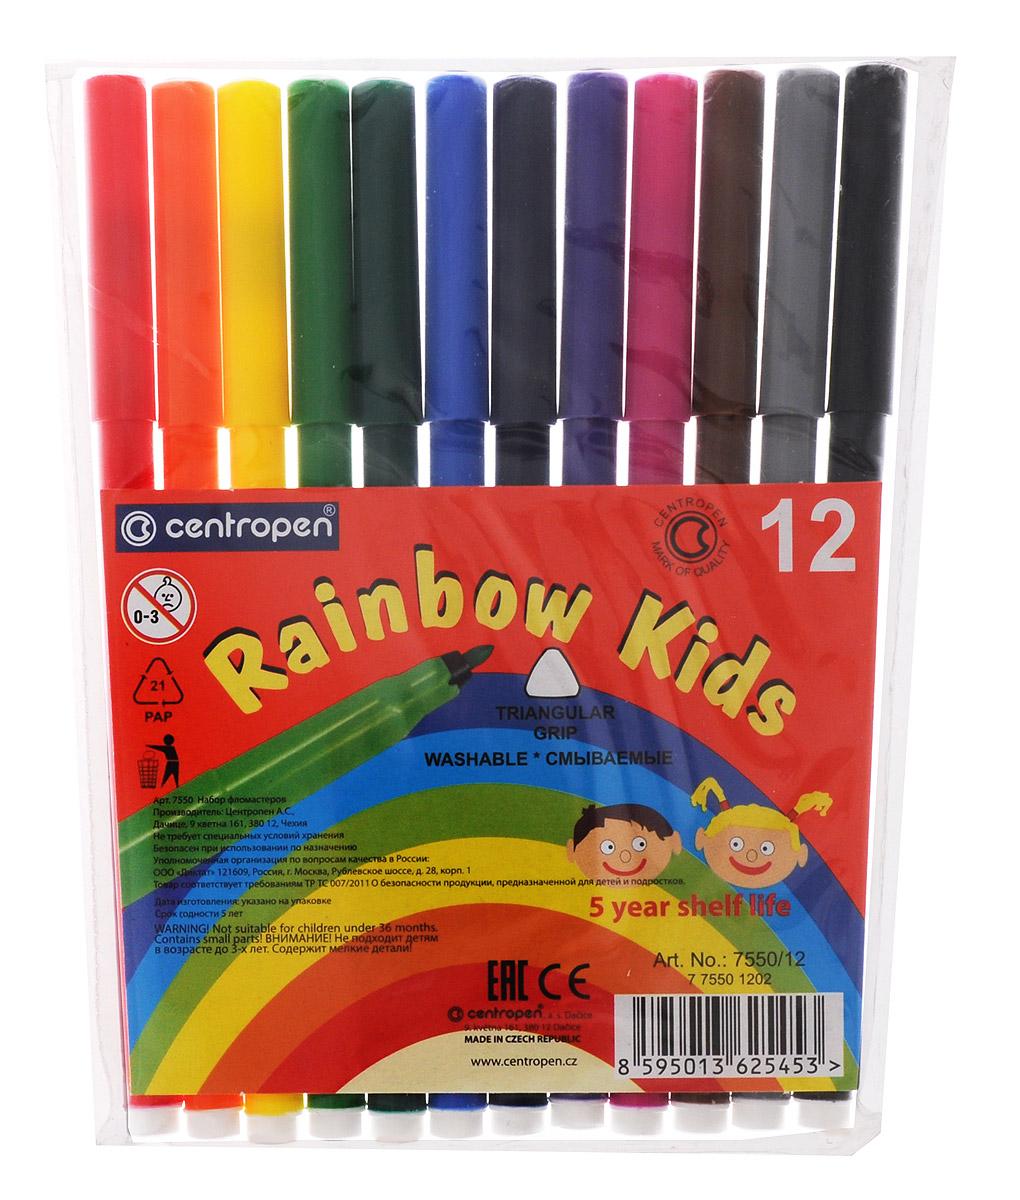 Centropen Набор фломастеров Rainbow Kids 12 цветов499962Цветные смываемые фломастеры Rainbow Kids от Centropen всегда помогут вашему маленькому художнику во всех его творческих начинаниях. Фломастеры оснащены вентилируемым колпачком, поэтому сохраняют свои свойства, не высыхая, минимум 3 года. Эргономичная треугольная зона обхвата корпуса позволяет использовать их с большим комфортом. Цилиндрический пишущий узел достаточно устойчив к вдавливанию. Фломастеры легко смываются с рук даже холодной водой и очень легко отстирываются.Набор состоит из 12 разноцветных фломастеров.Рекомендуемый возраст: от 3-х лет.